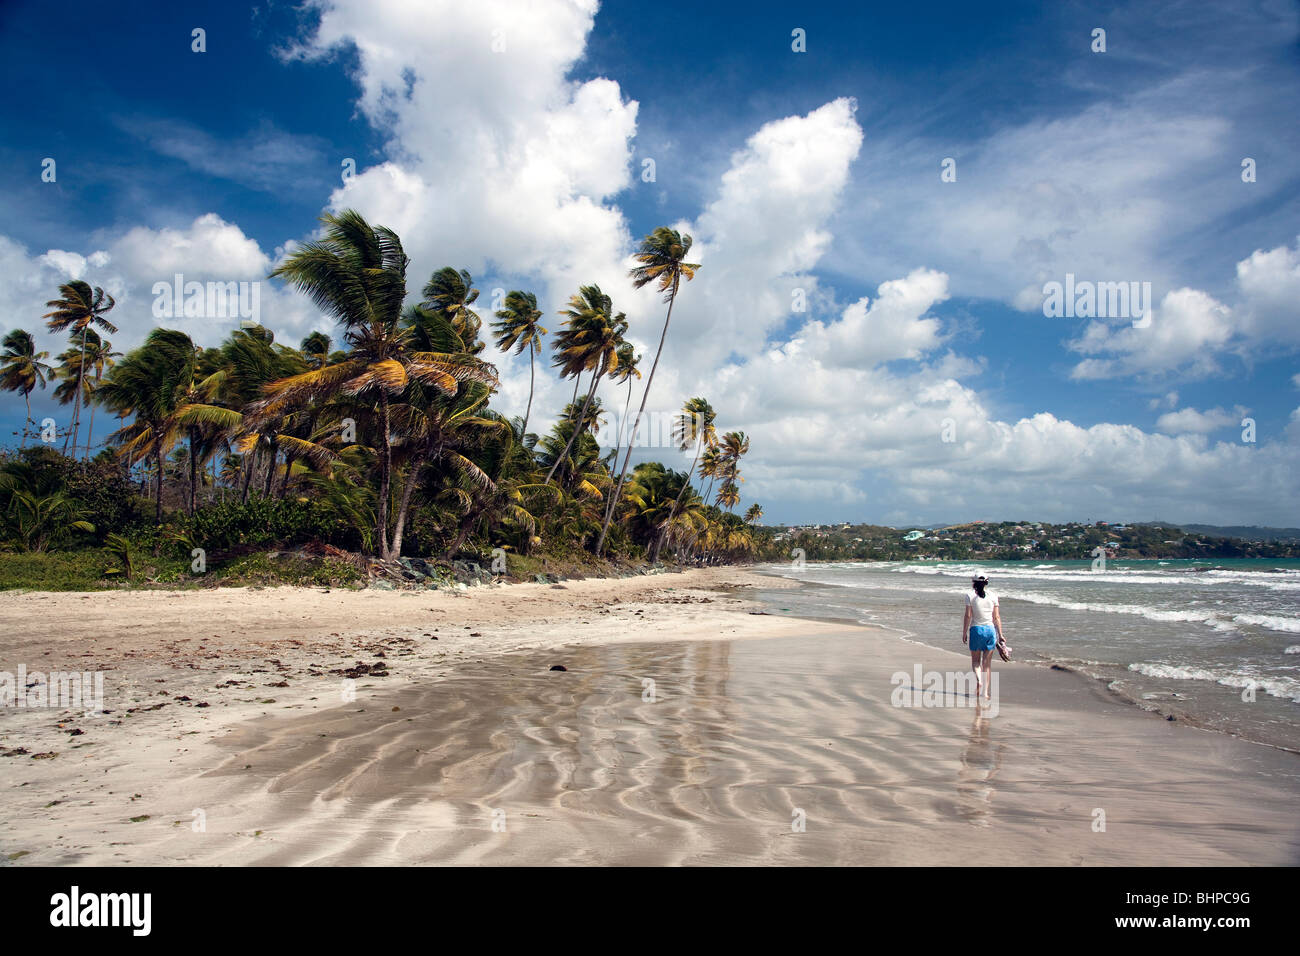 Chica caminando por la playa del Caribe de arena espectacular cielo azul con palmeras de soplado y surf retrocediendo Imagen De Stock